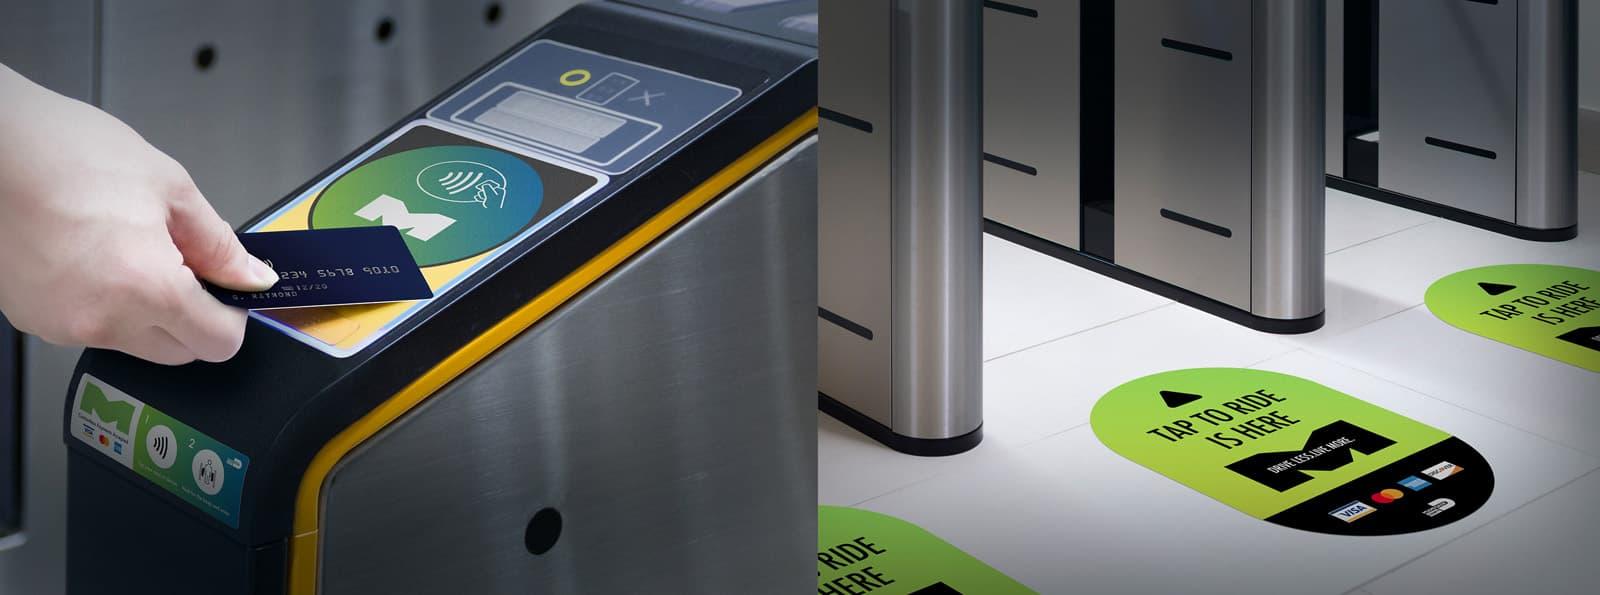 Miami-Dade Transit - Machine